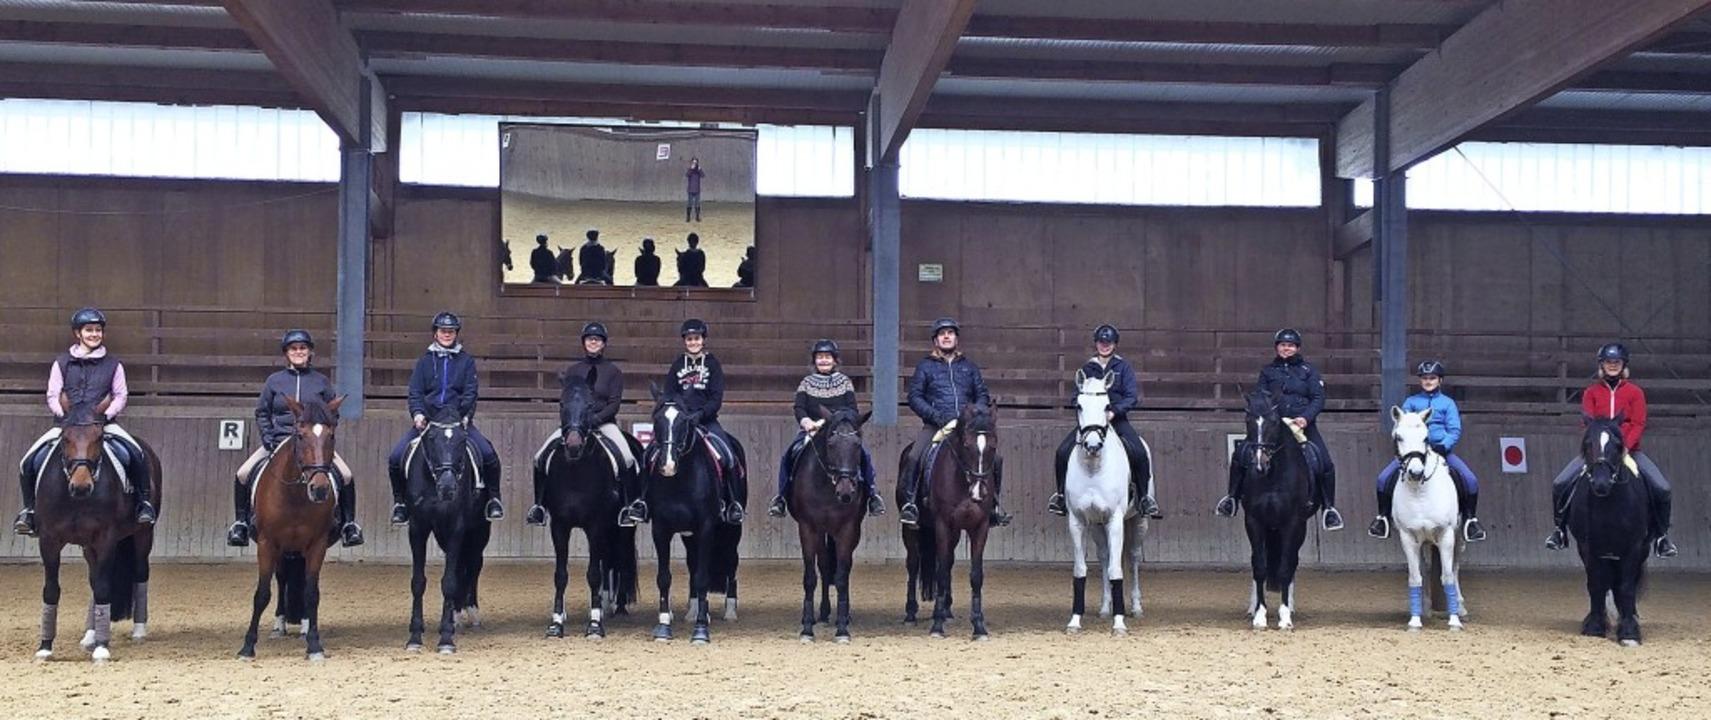 Elf Mitglieder des Reitvereins Schlüch...auf dem Pferd und am Boden vermittelt.  | Foto: suedkurier